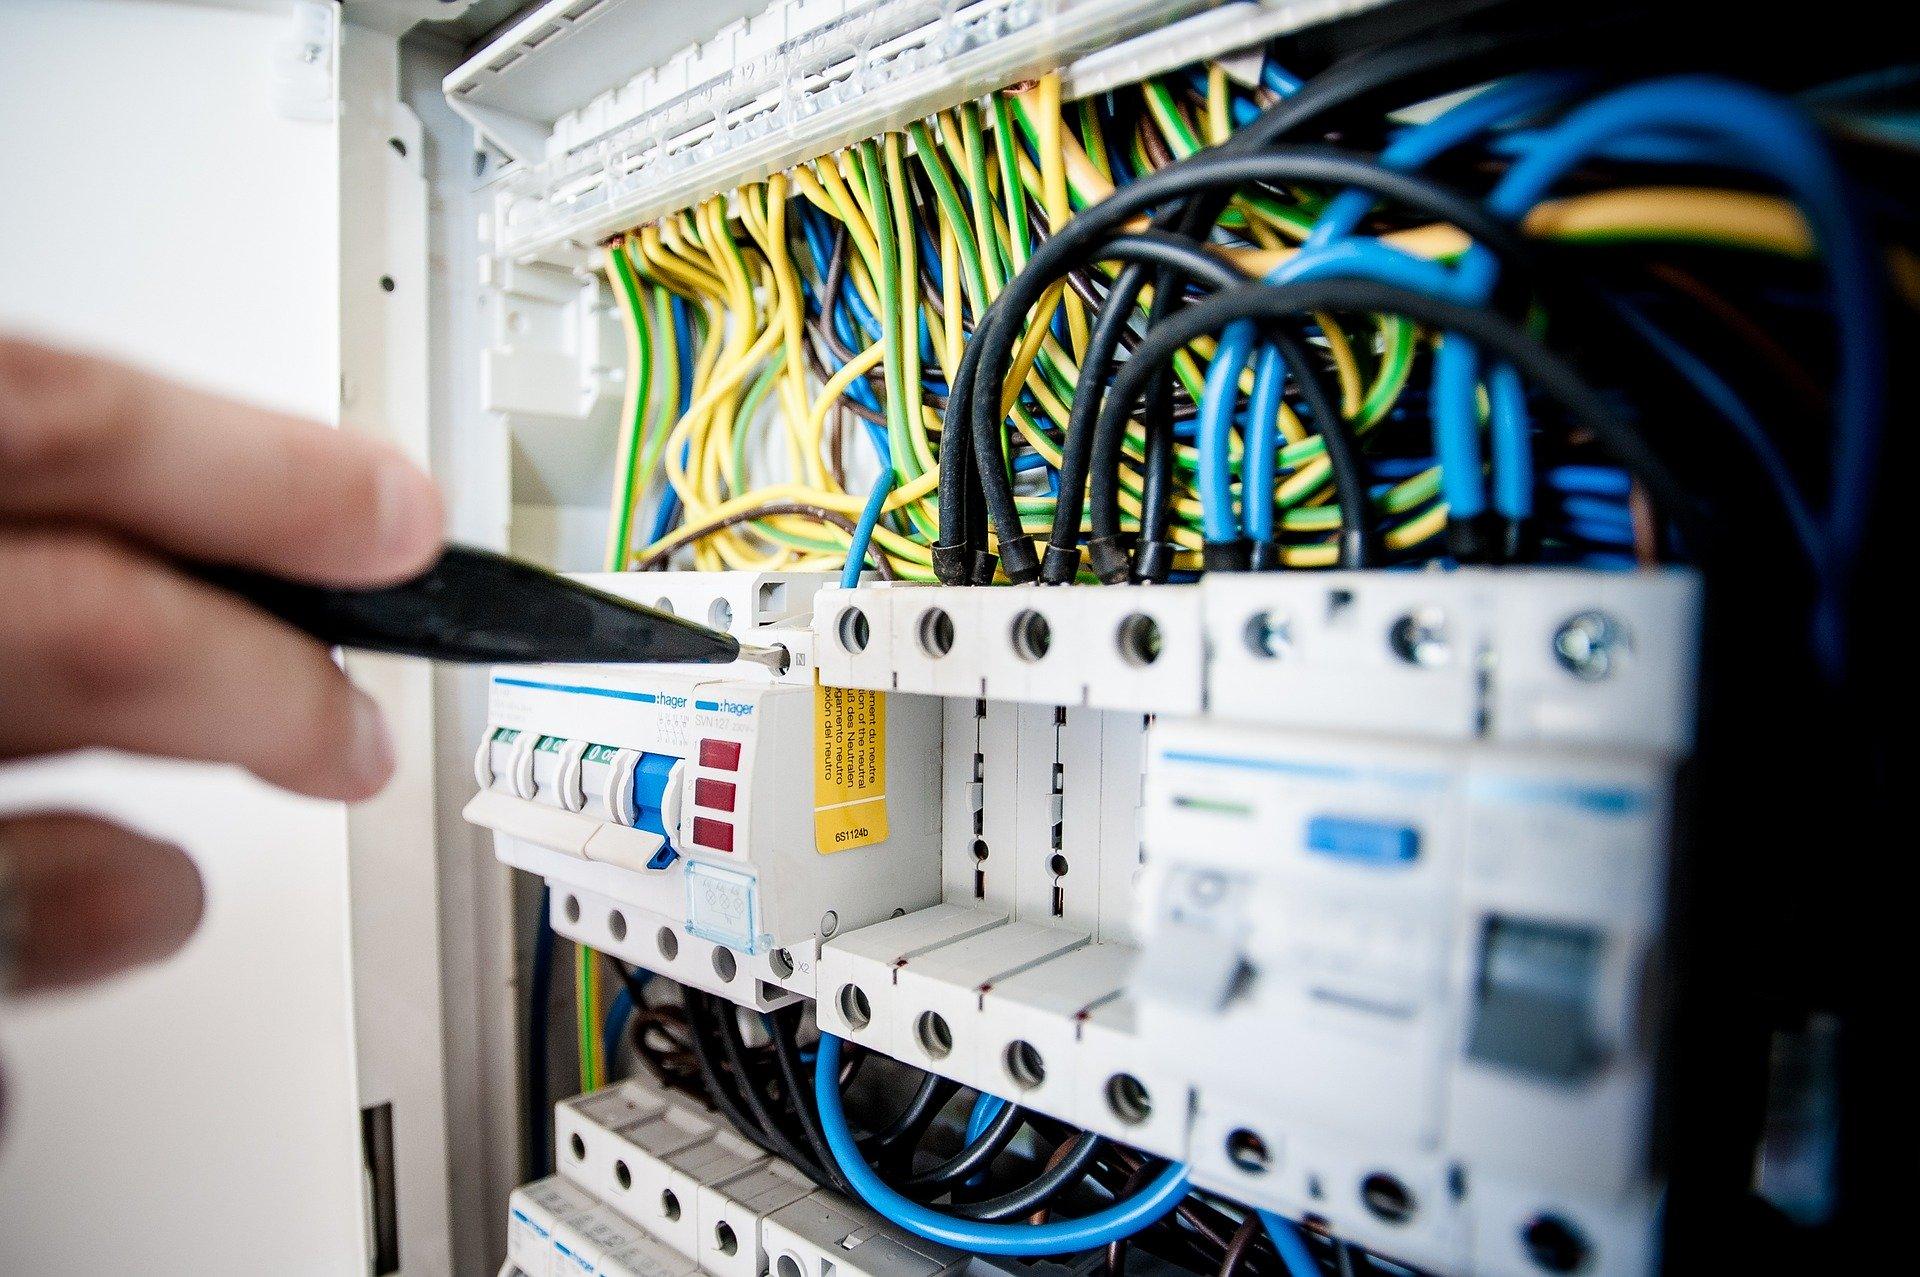 Impianto elettrico a norma o no? Ecco come fare gli accertamenti